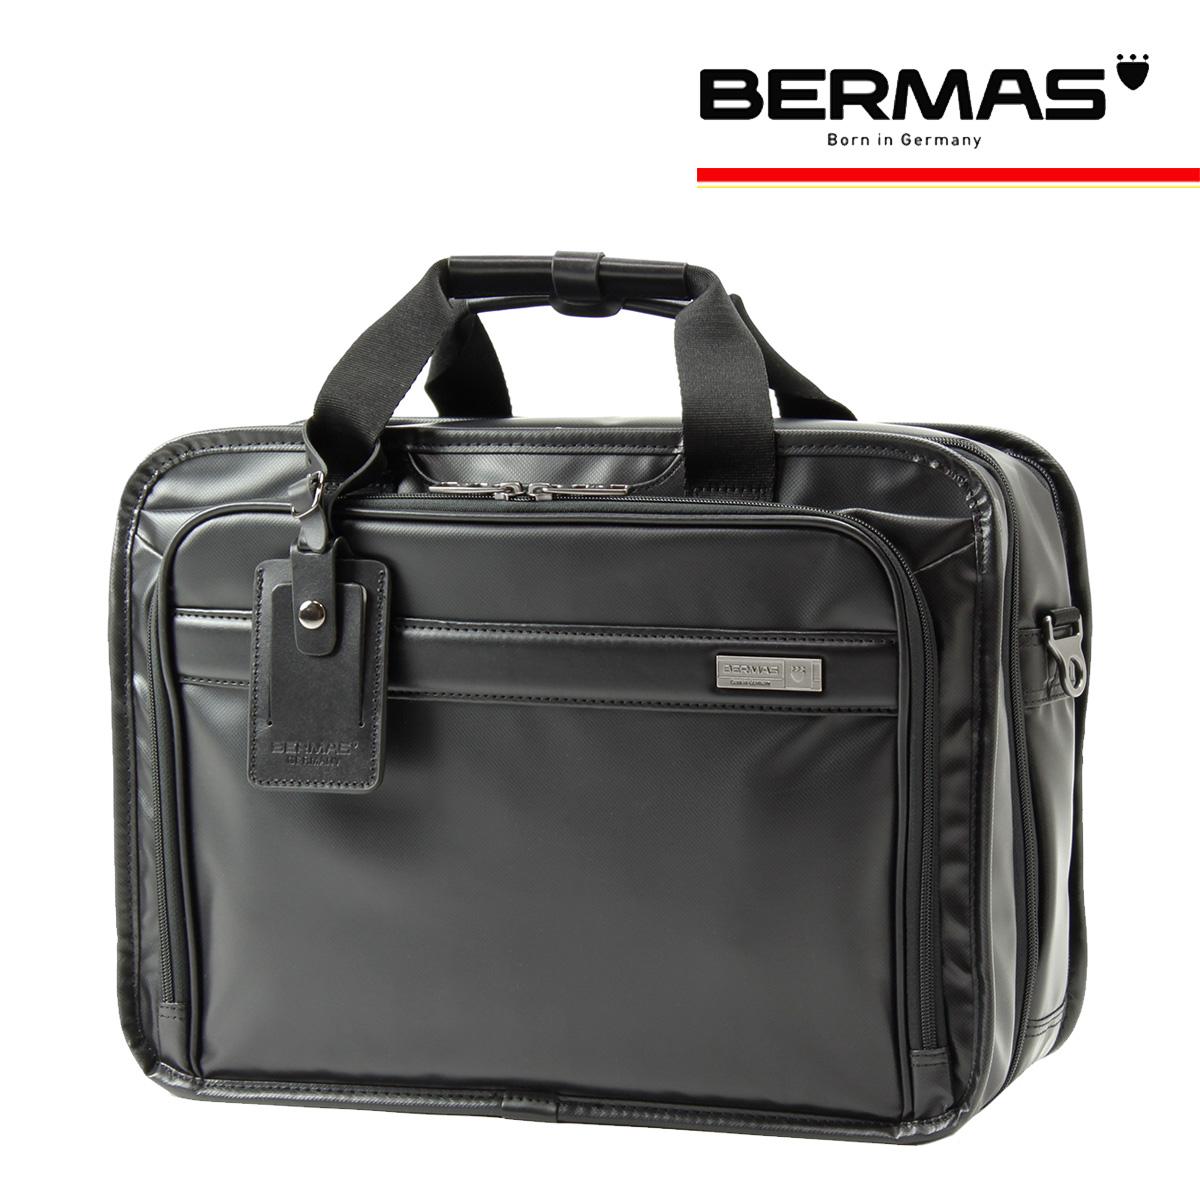 バーマス ブリーフケース 2WAY メンズ インターシティ 60460 BERMAS ビジネスバッグ 撥水 防汚 キャリーオン[bef]